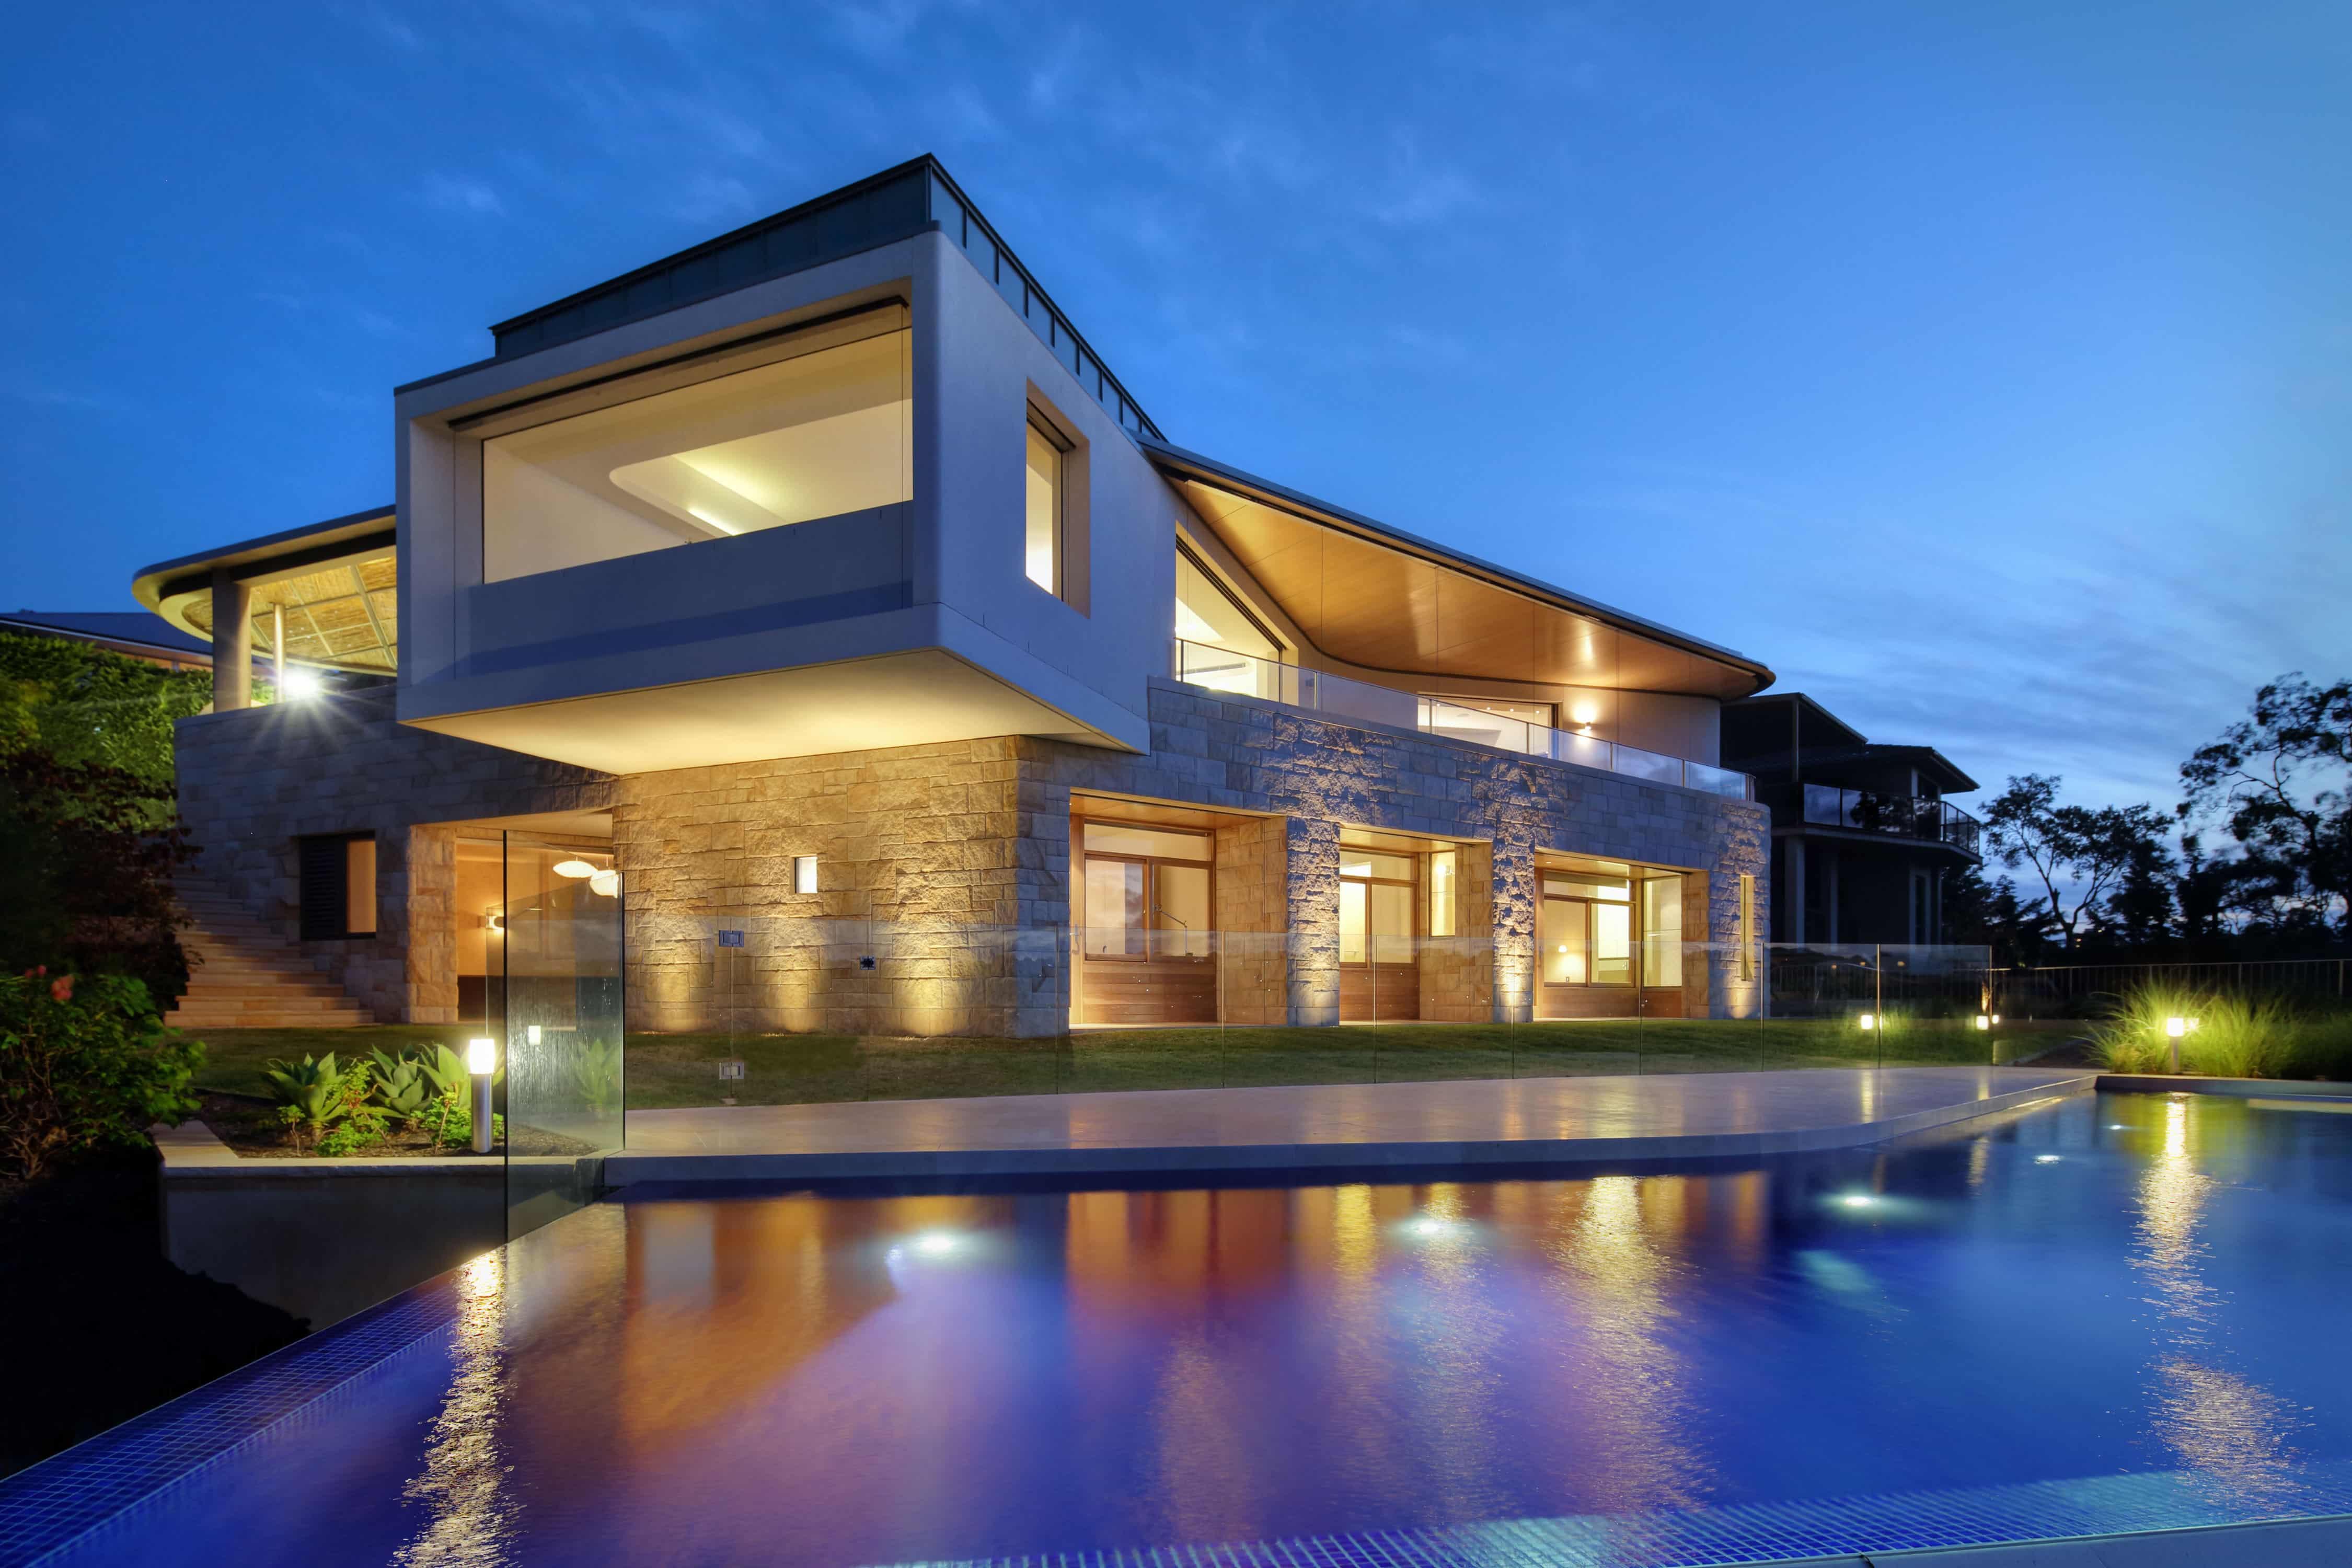 Fachada de arquitectura moderna.